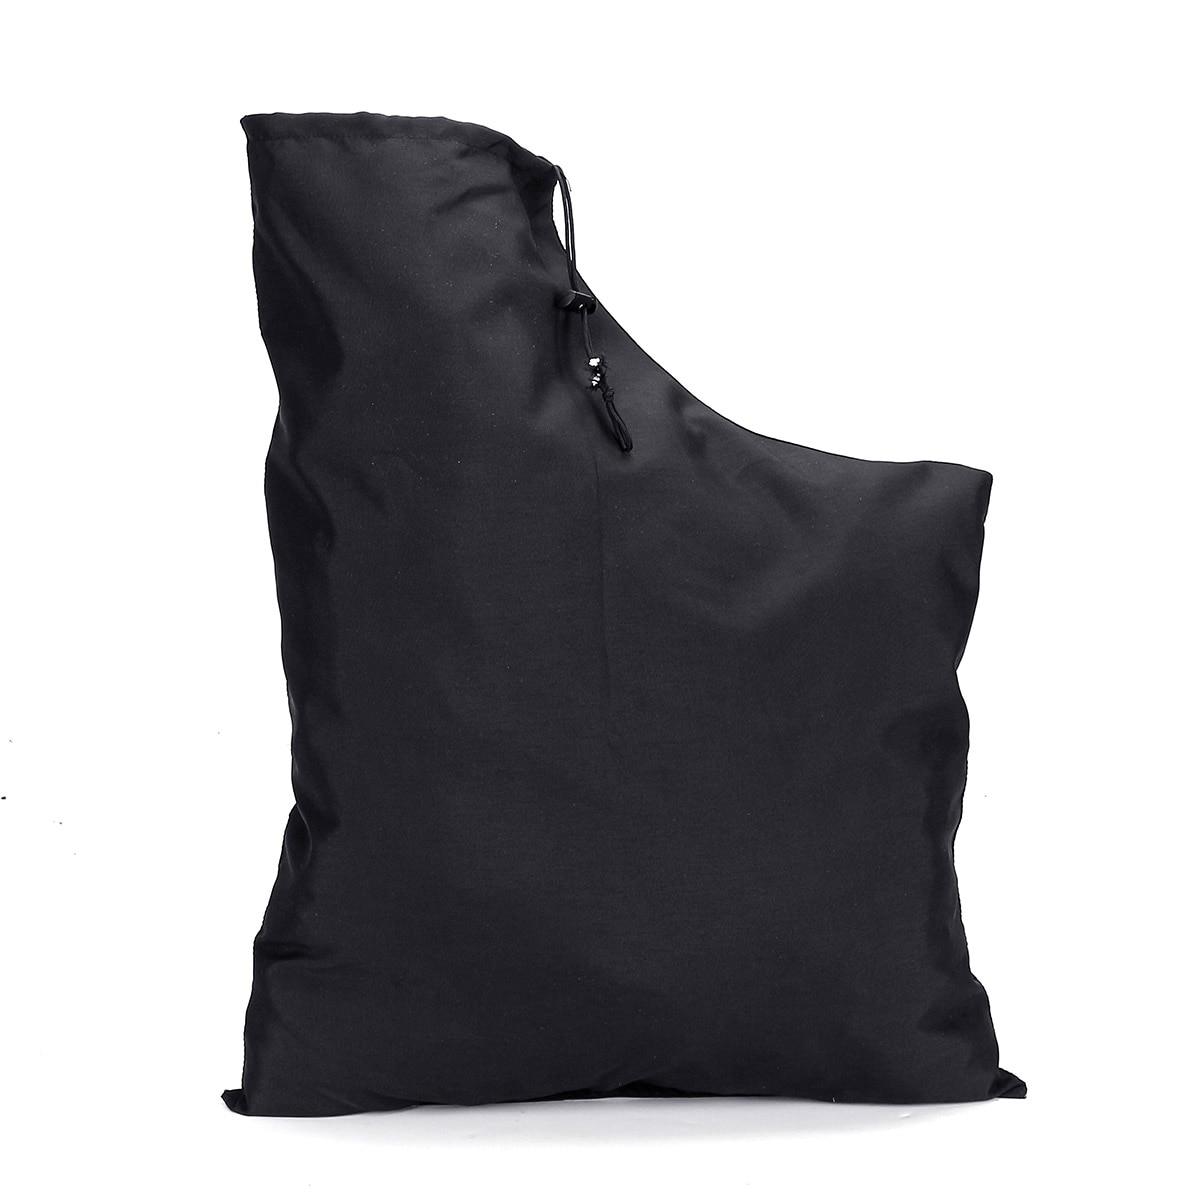 Black Leaf Blower Vacuum Bag Fit For Eater Barracuda 2595 Mulcher Lawn Yard Shredder Garden Tool Storage Bag Accessories